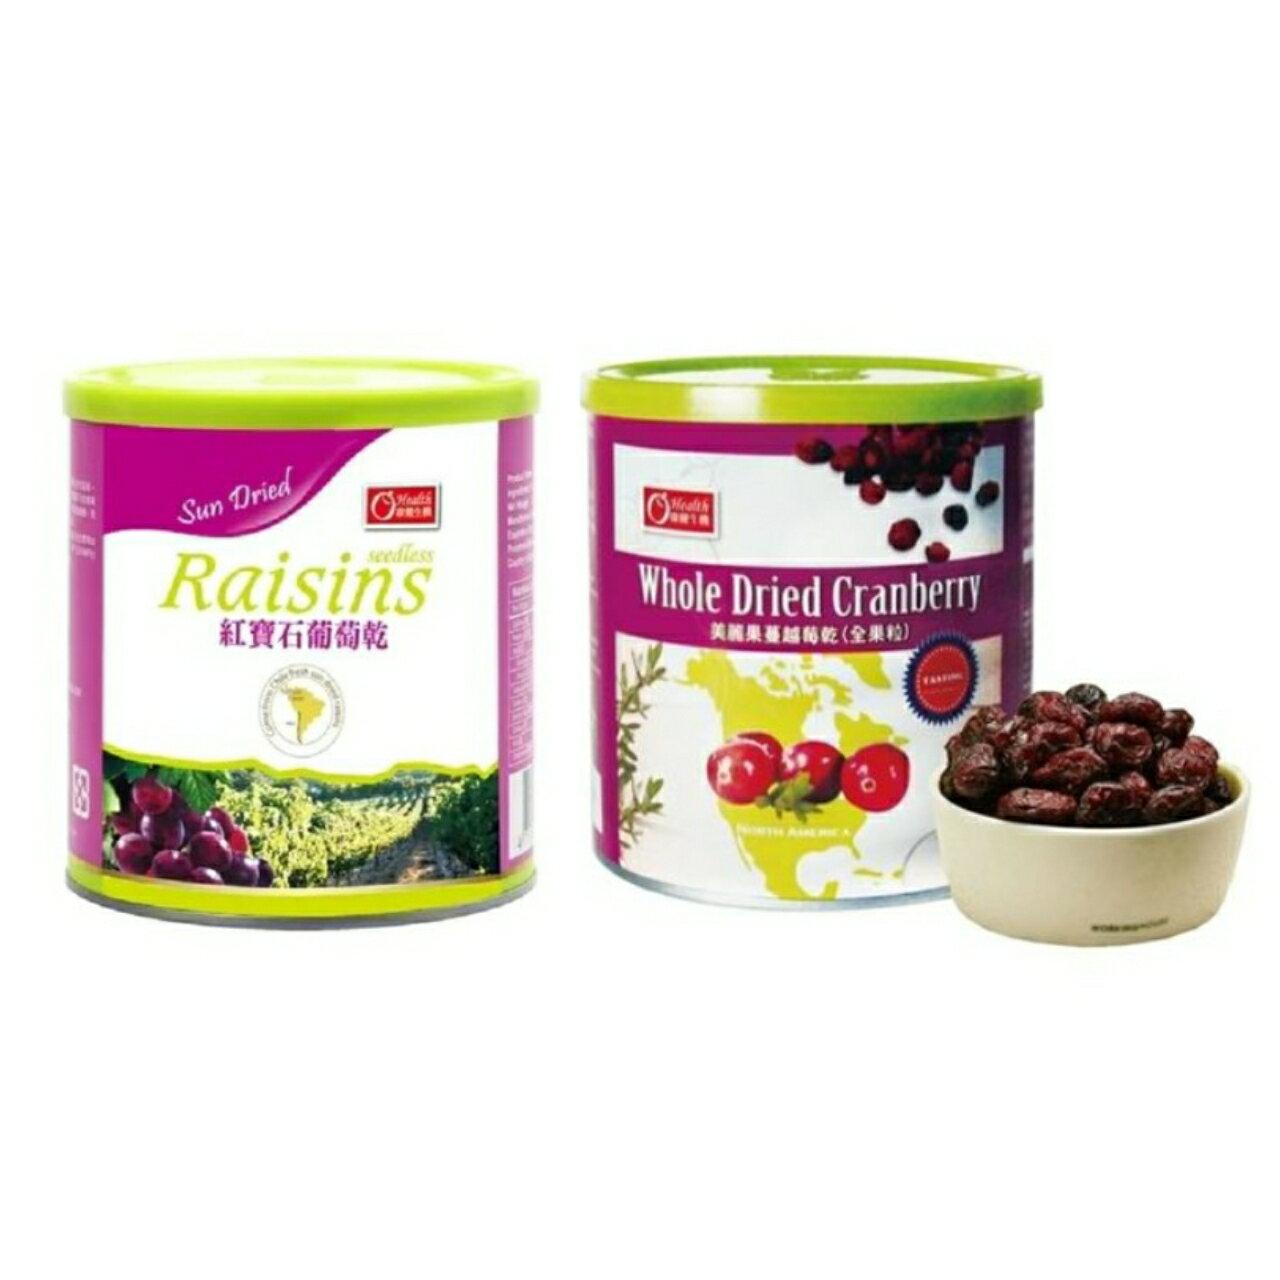 清新自在樂活生機館 『康健生機』美麗果蔓越莓乾230g罐+紅寶石葡萄乾380g/ 罐